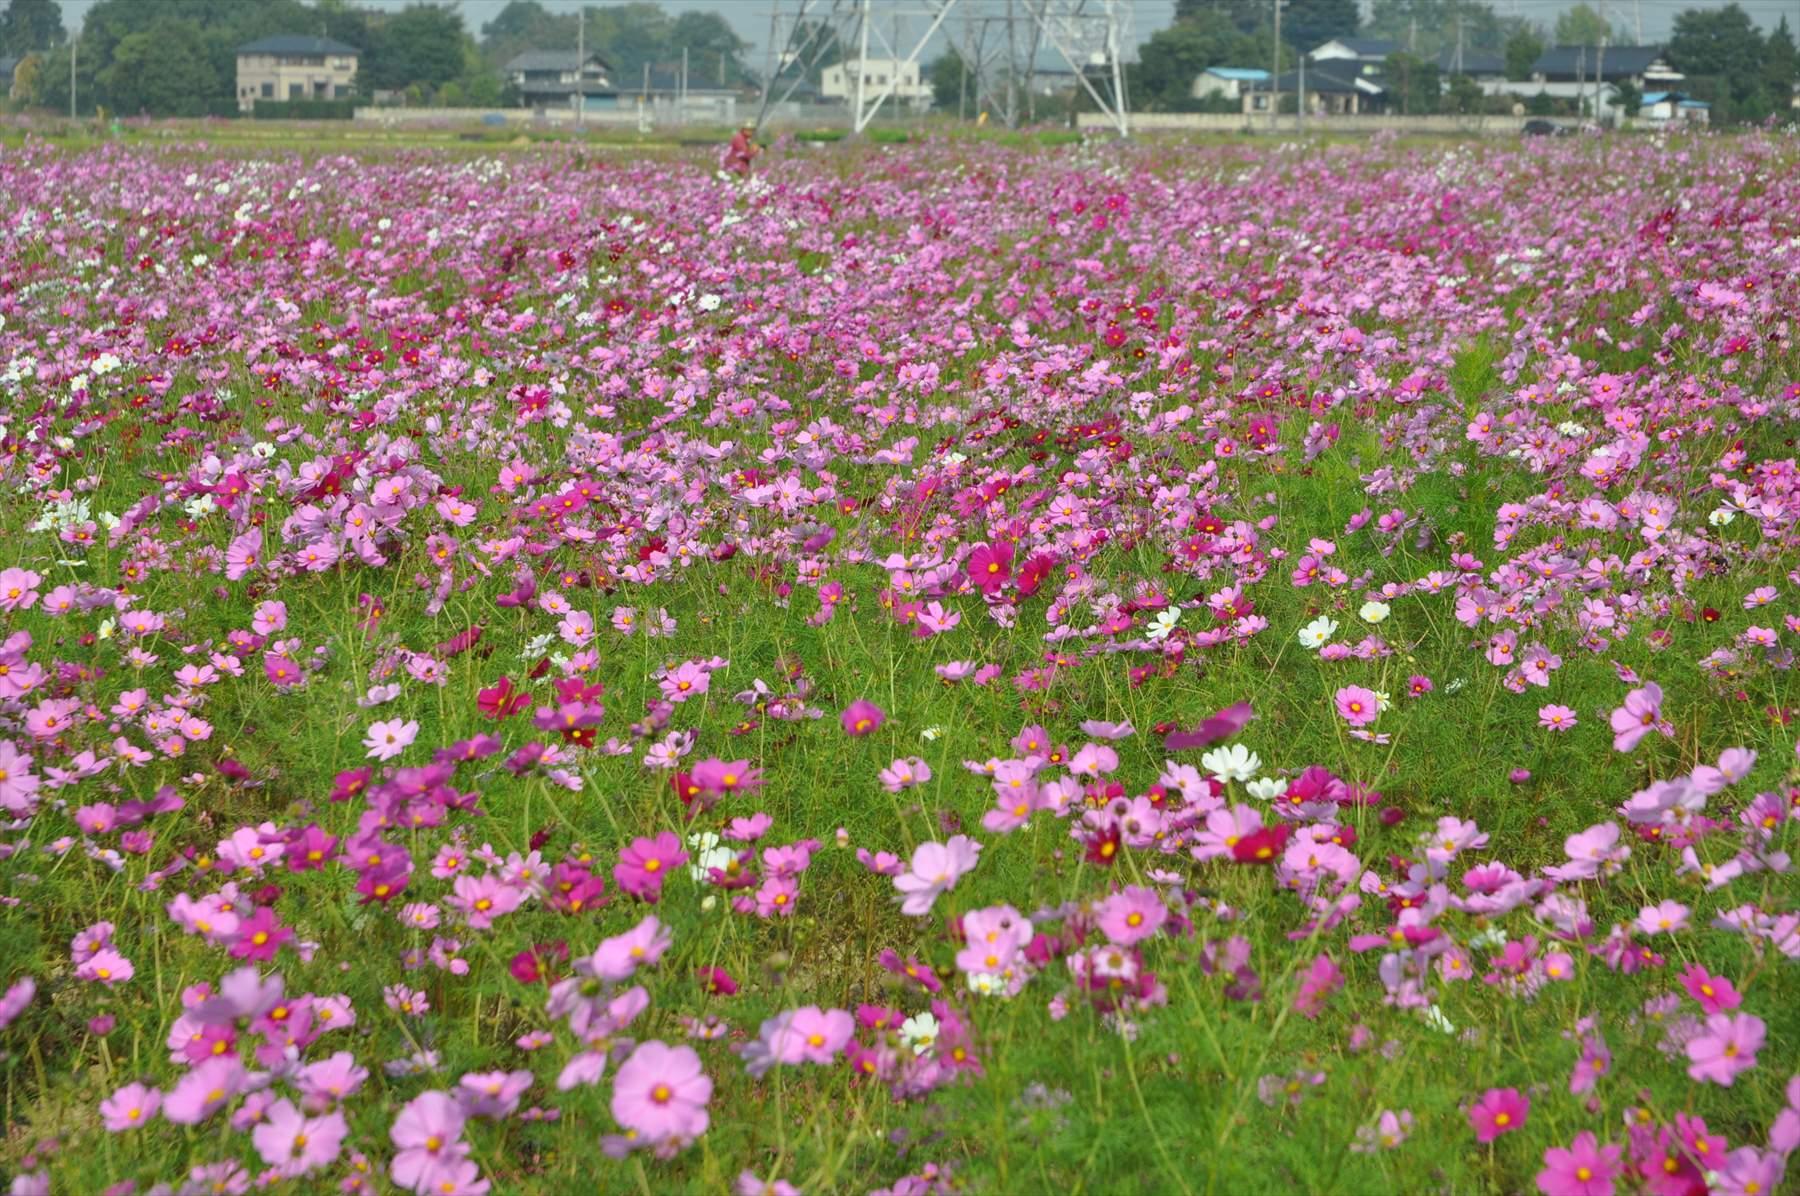 ・埼玉県吉見町のコスモスが見事でした | 霊園とお墓のはなし